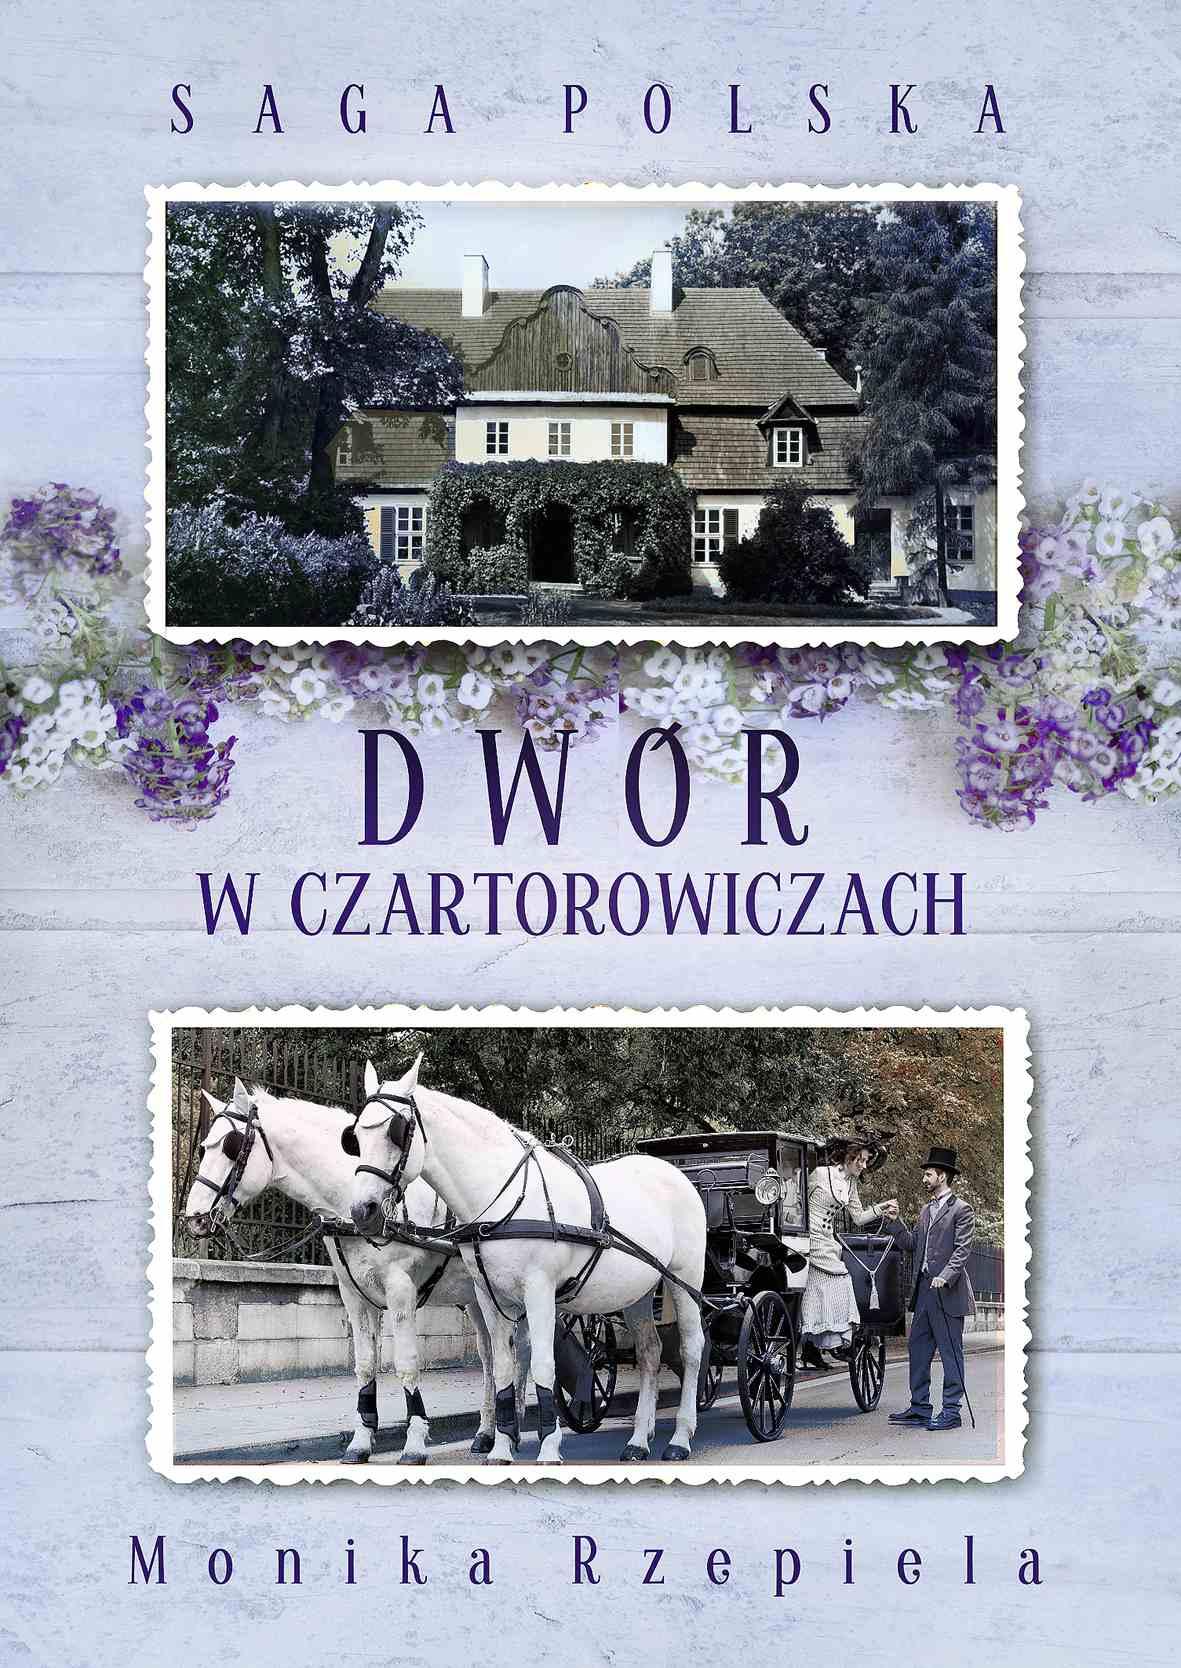 Dwór w Czartorowiczach - Ebook (Książka na Kindle) do pobrania w formacie MOBI